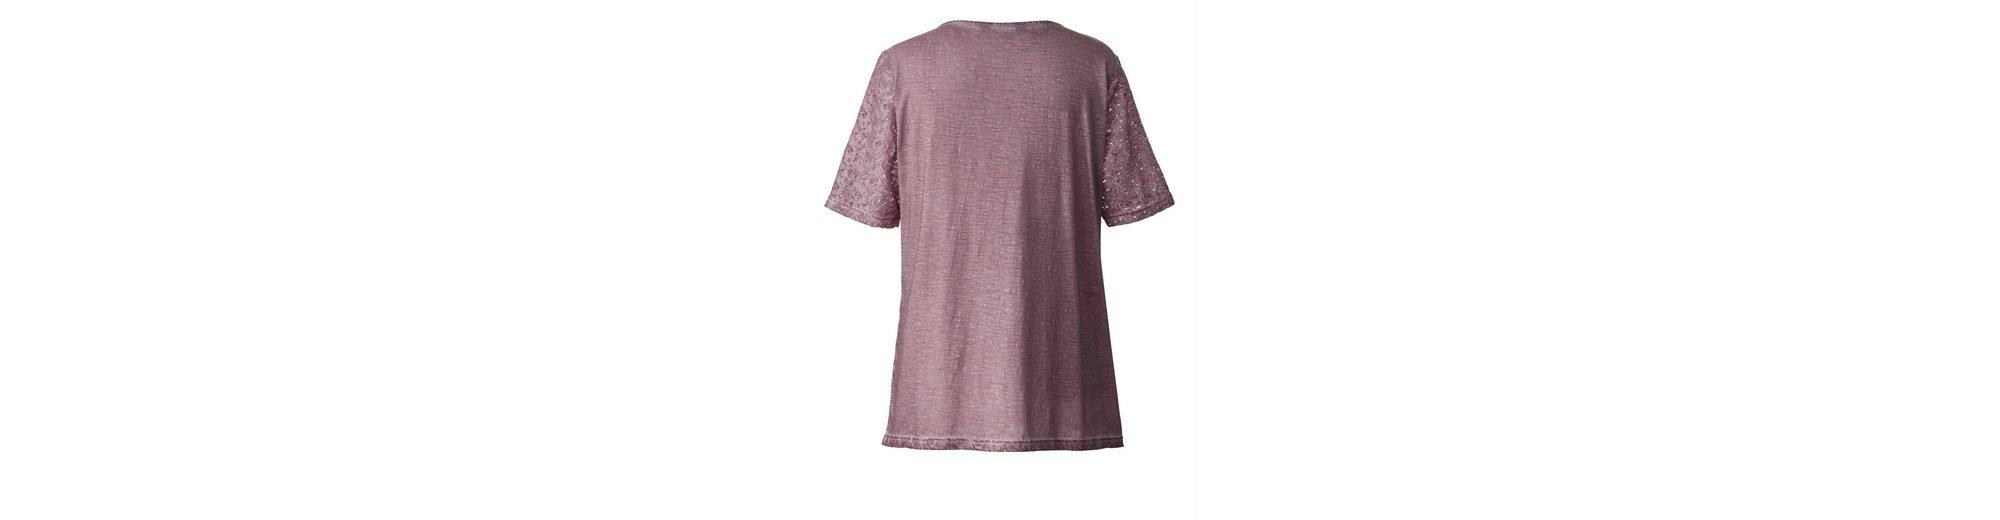 Sara Lindholm by Happy Size Shirt oil wash mit Spitze Billig Rabatt Authentisch Pkzwke2CA